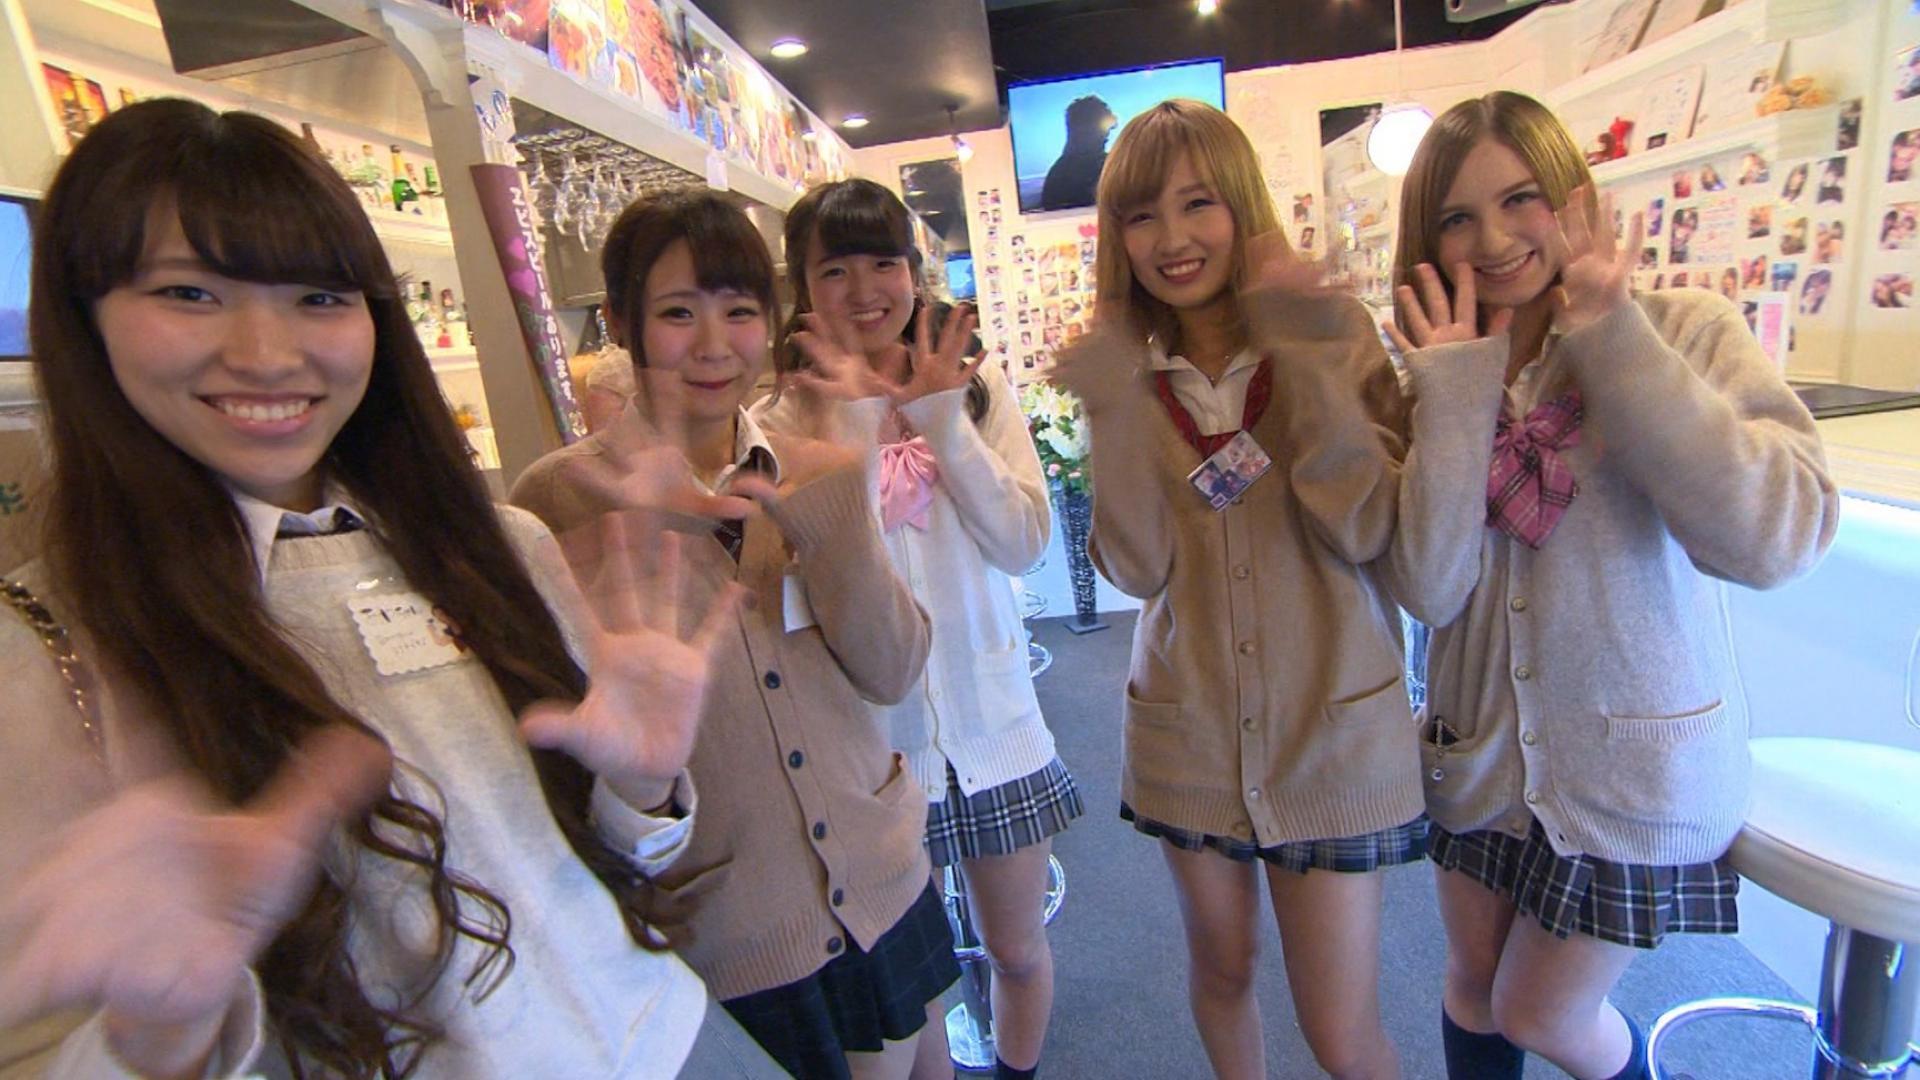 بالصور بنات اليابان , مجموعة من اجمل صور البنات اليابانيات 6083 9